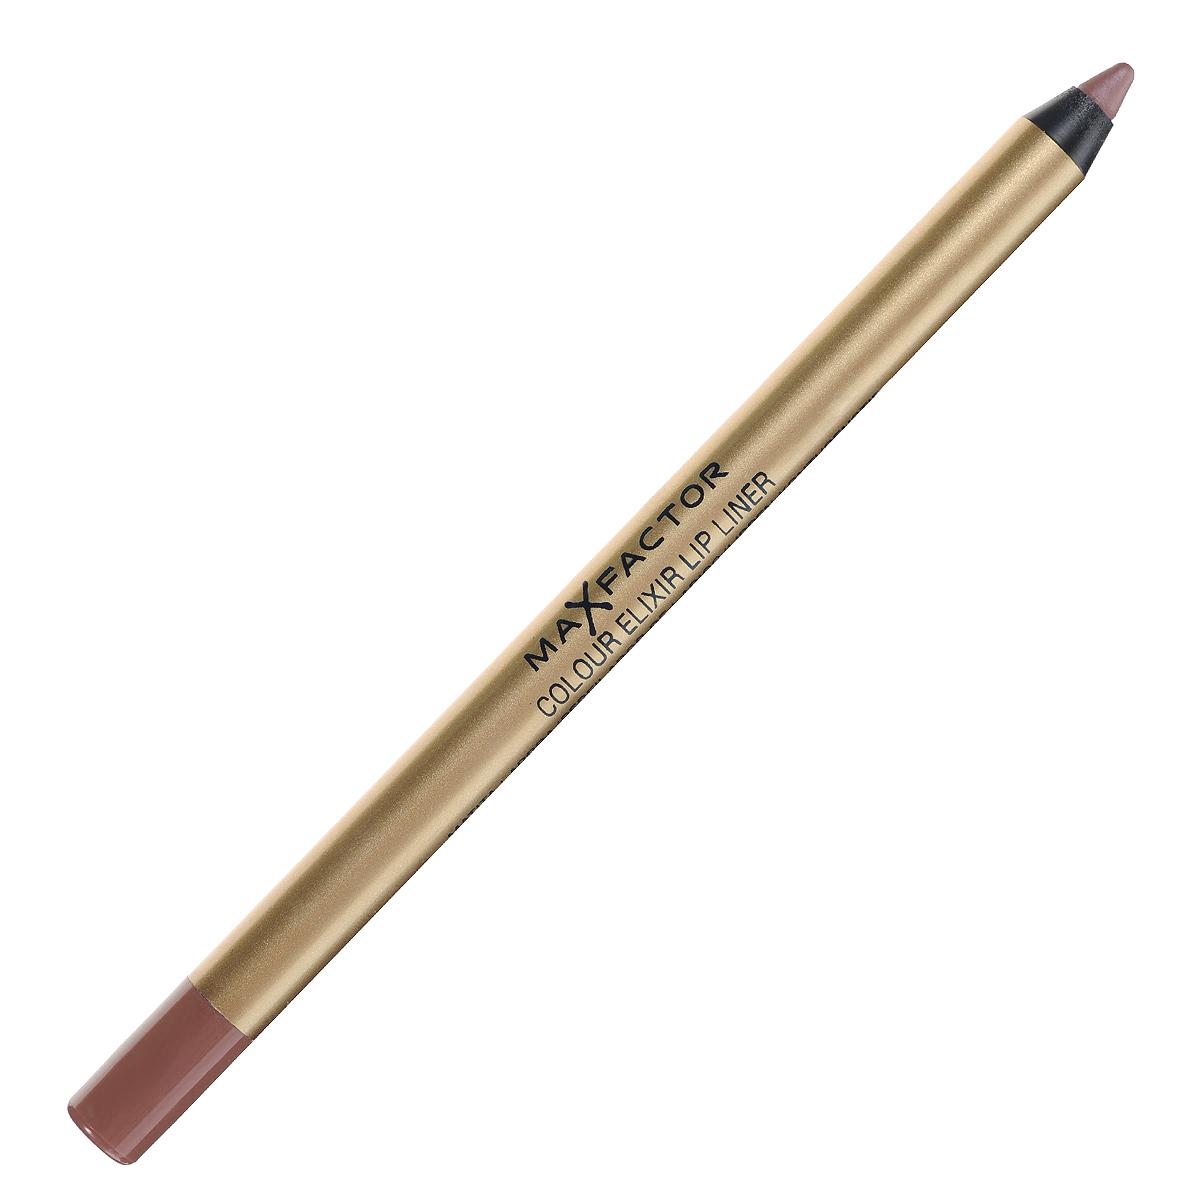 Max Factor Карандаш для губ Colour Elixir Lip Liner, тон №14 brown n nude, цвет: коричневый81440156Секрет эффектного макияжа губ - правильный карандаш. Он мягко касается губ и рисует точную линию, подчеркивая контур и одновременно ухаживая за губами. Карандаш для губ Colour Elixir подчеркивает твои губы, придавая им форму. - Роскошный цвет и увлажнение для мягких и гладких губ. - Оттенки подходят к палитре помады Colour Elixir. - Легко наносится. 1. Выбирай карандаш на один тон темнее твоей помады 2. Наточи карандаш и смягчи кончик салфеткой 3. Подведи губы в уголках, дугу Купидона и середину нижней губы, затем соедини линии 4. Нанеси несколько легких штрихов на губы, чтобы помада держалась дольше.